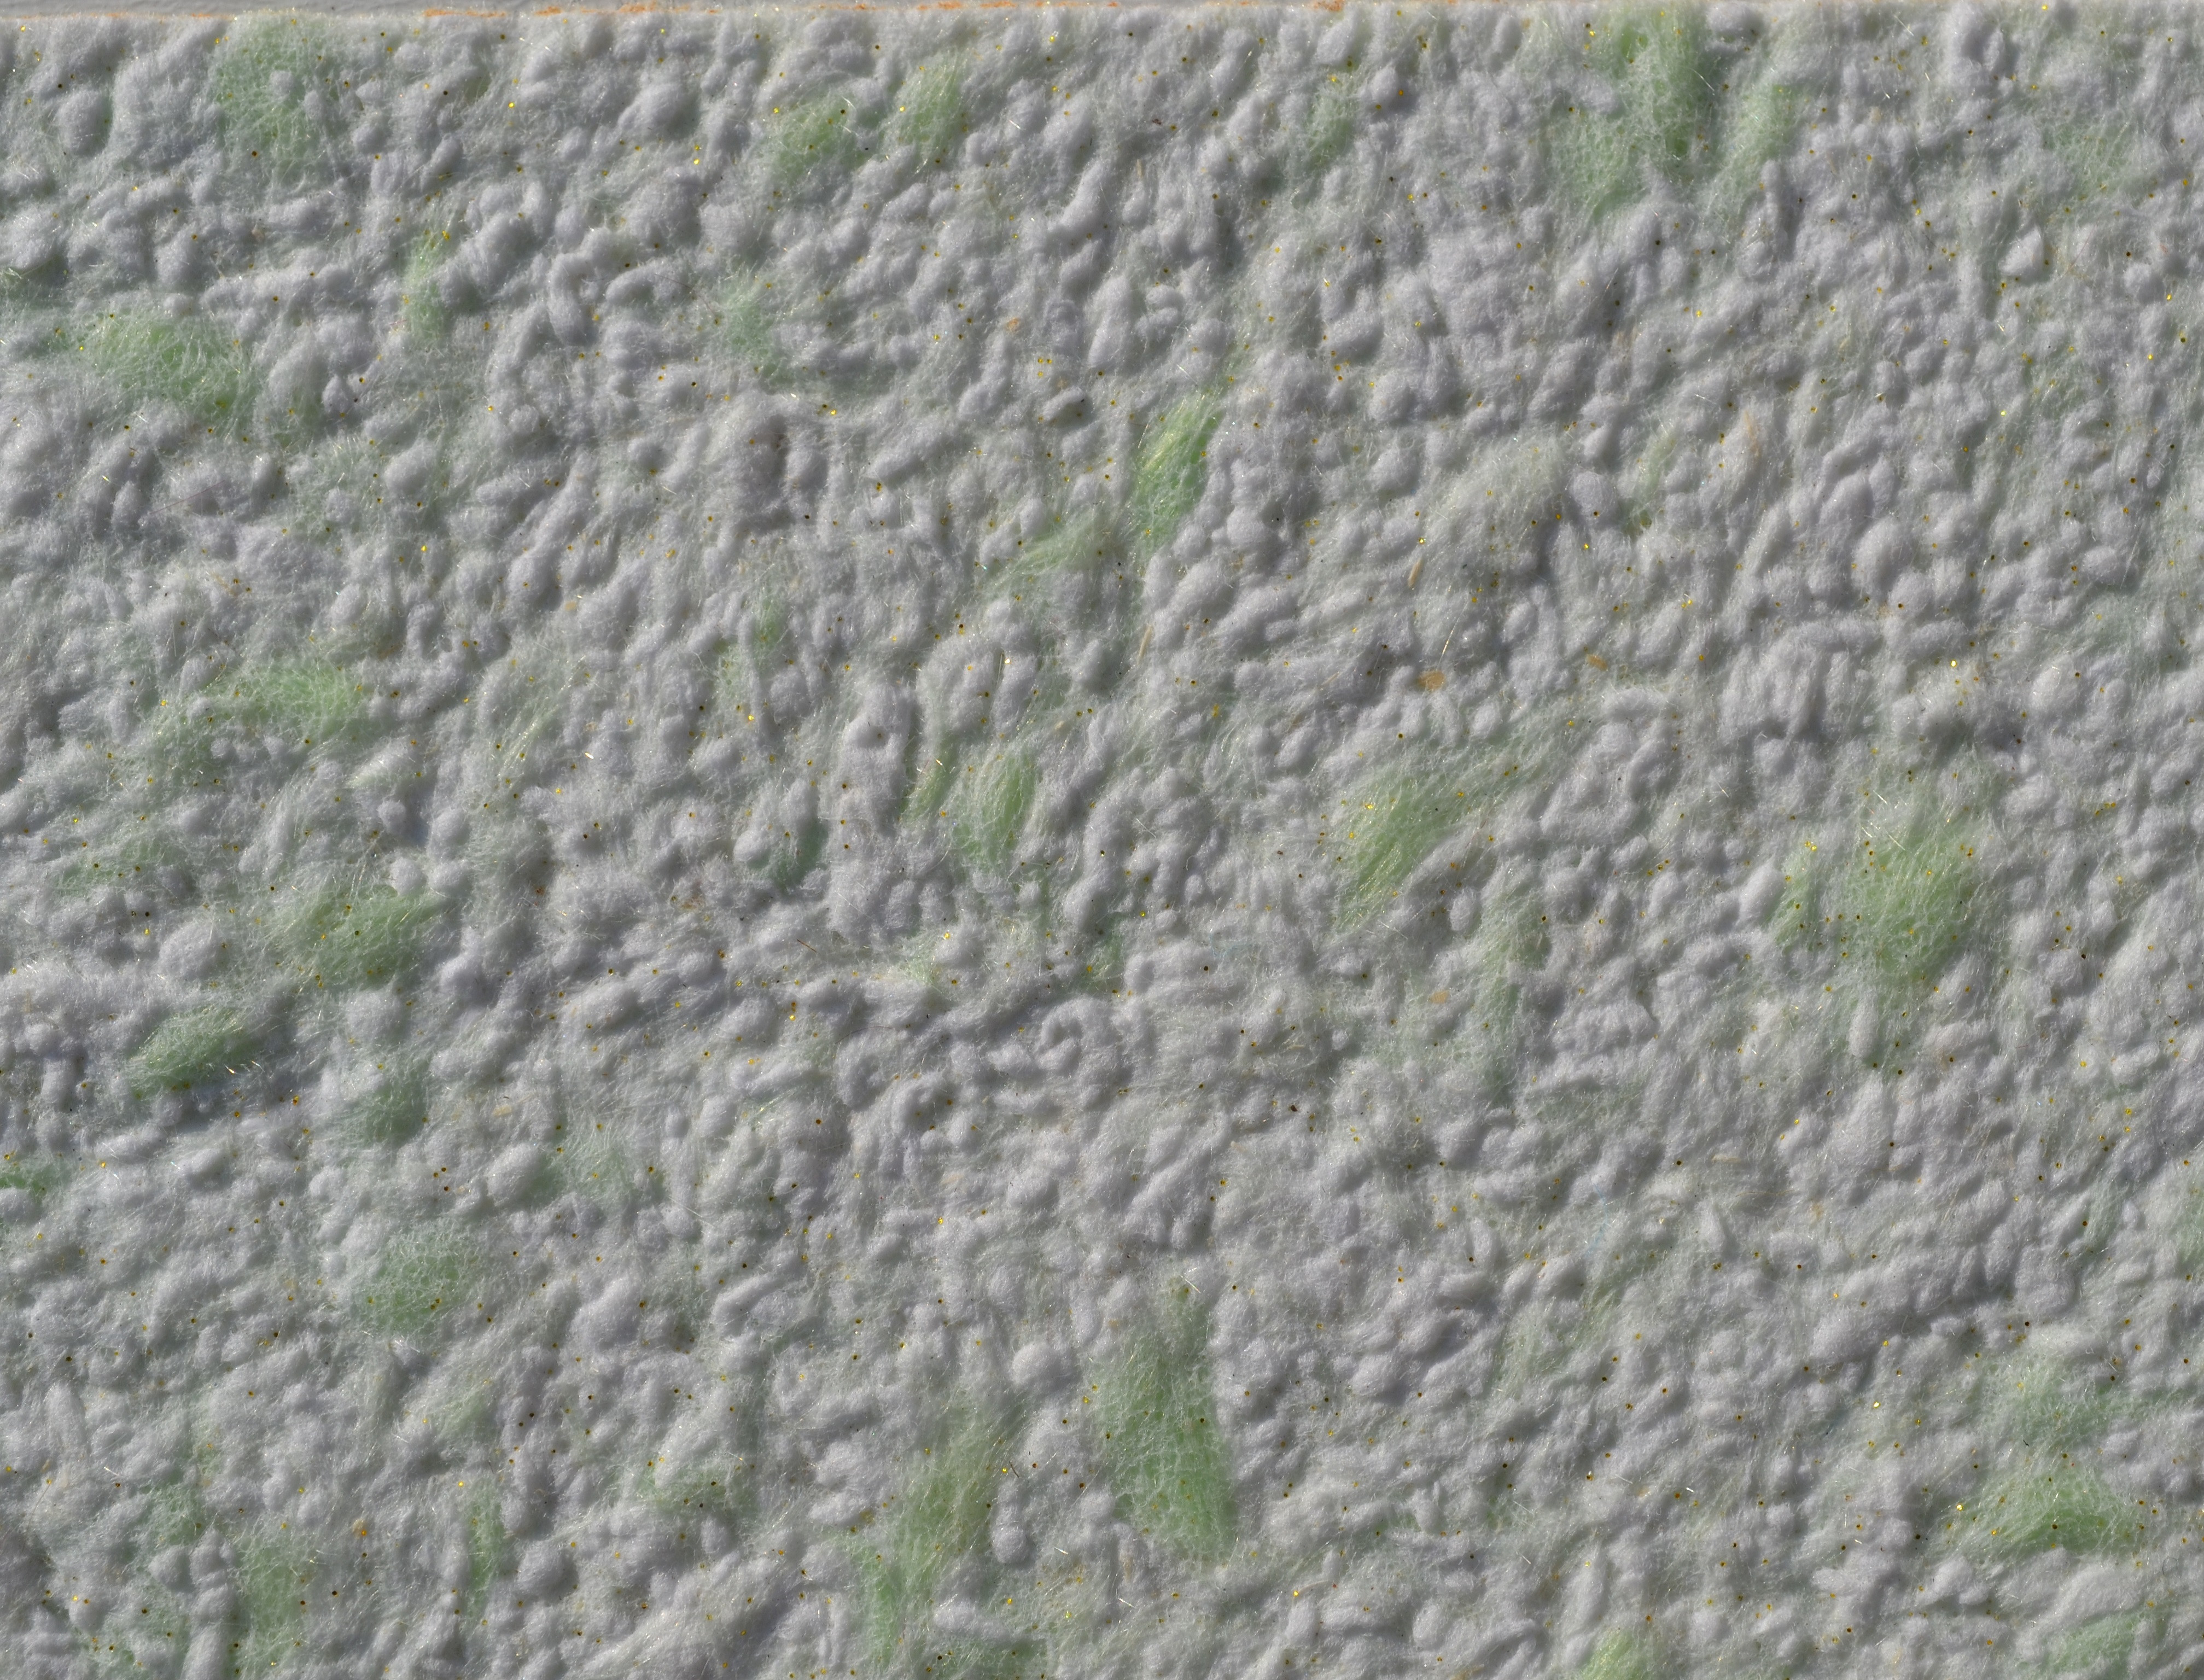 Жидкие обои Юрски Хлопок 1304 бело-зеленые - изображение 2 - интернет-магазин tricolor.com.ua